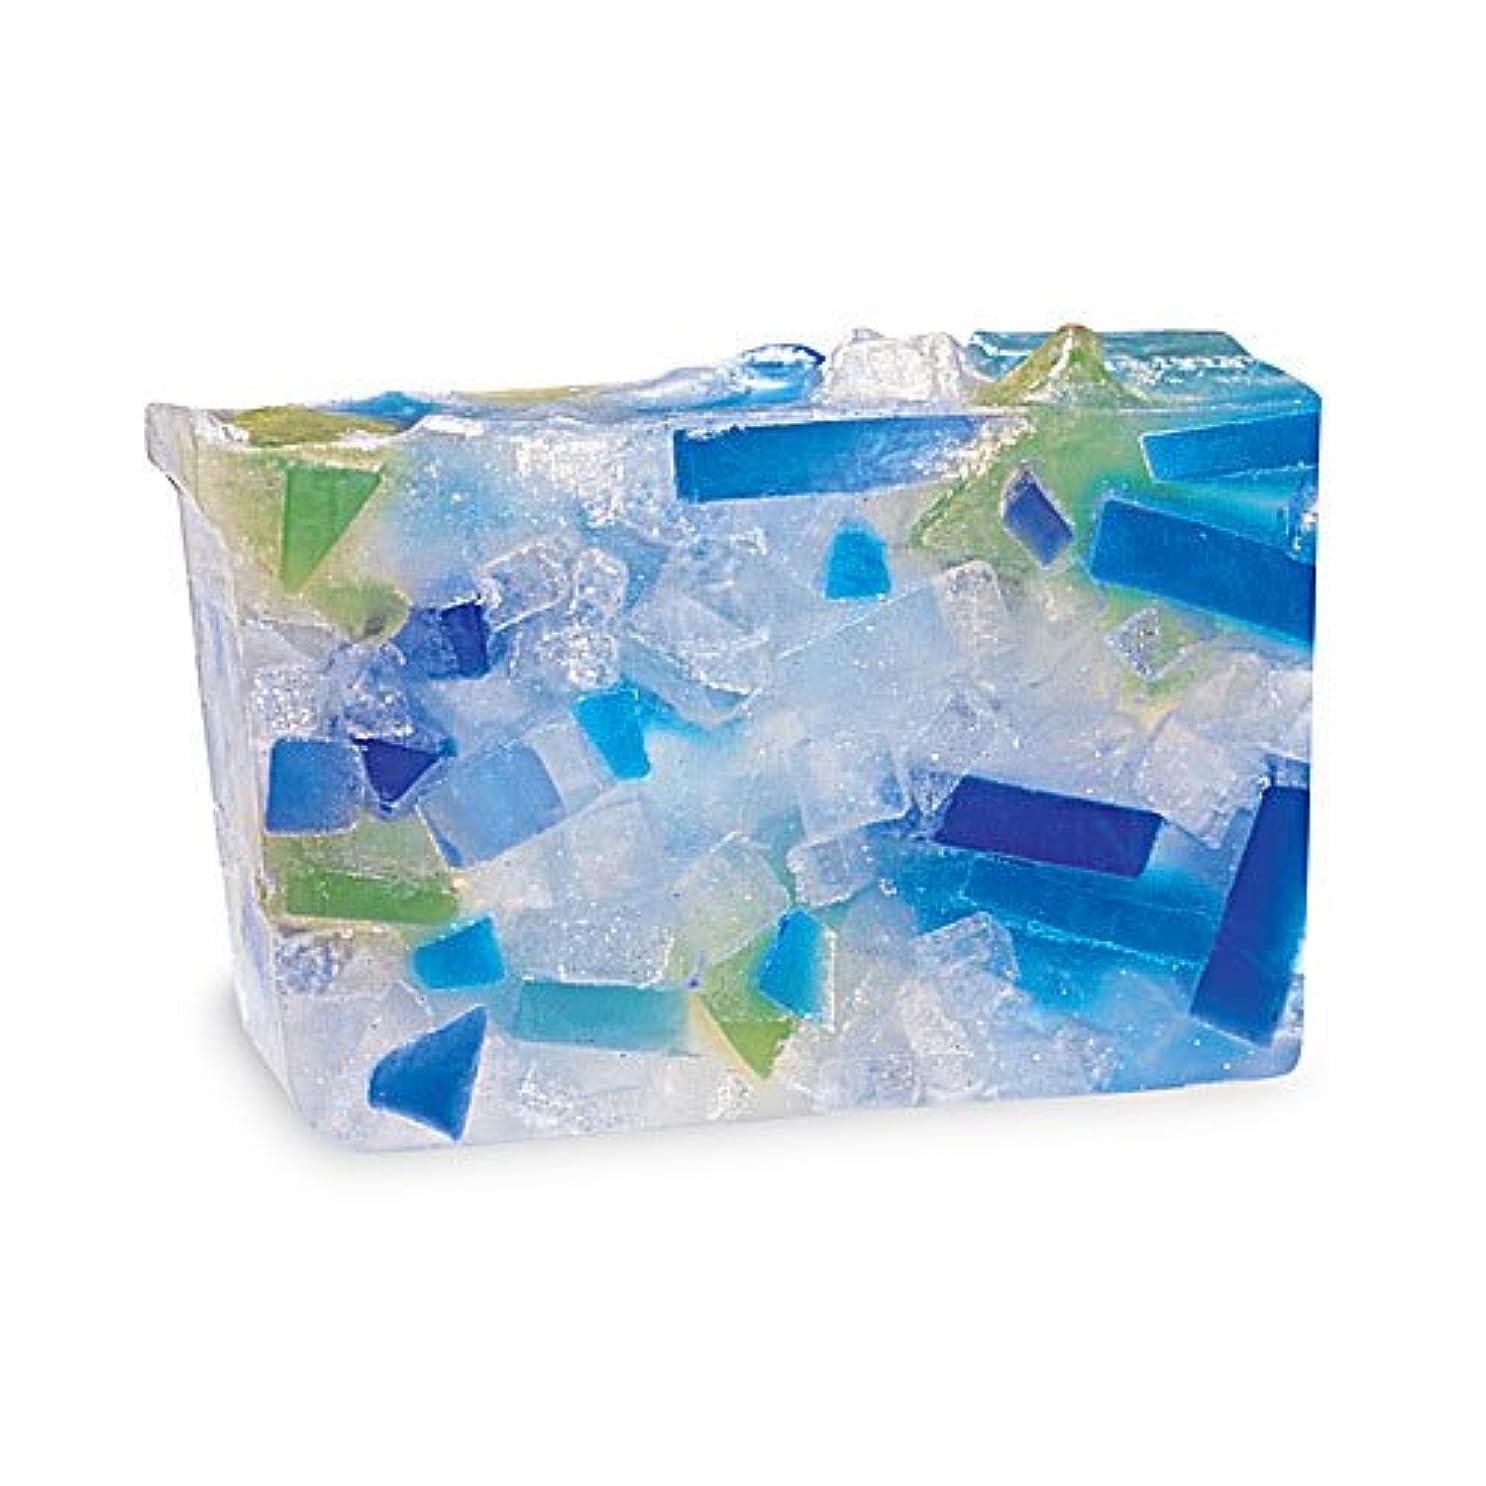 プライモールエレメンツ アロマティック ソープ ビーチグラス 180g 植物性 ナチュラル 石鹸 無添加